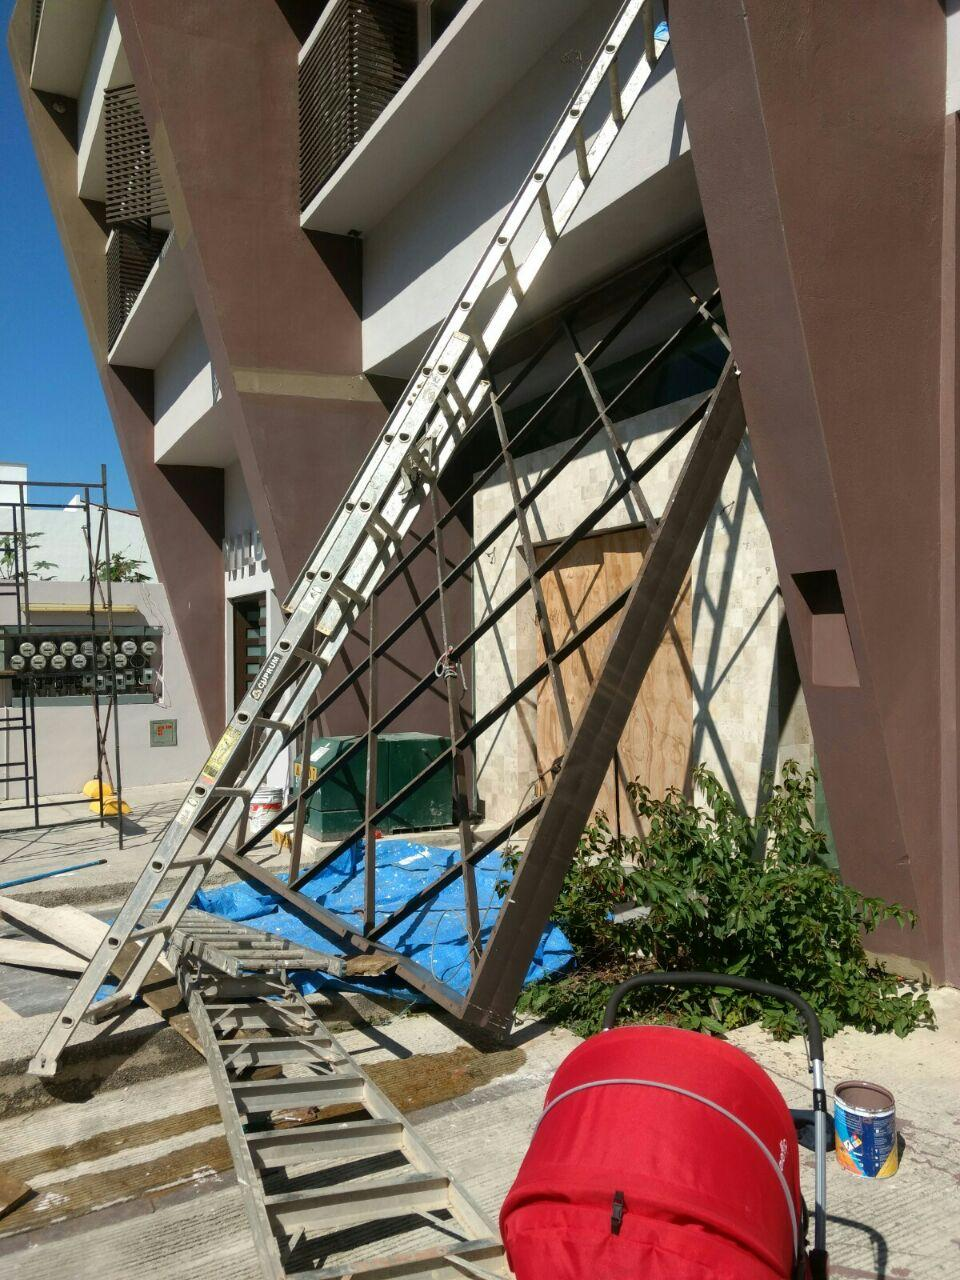 Pintores heridos al caerles encima  estructura metálica mal puesta